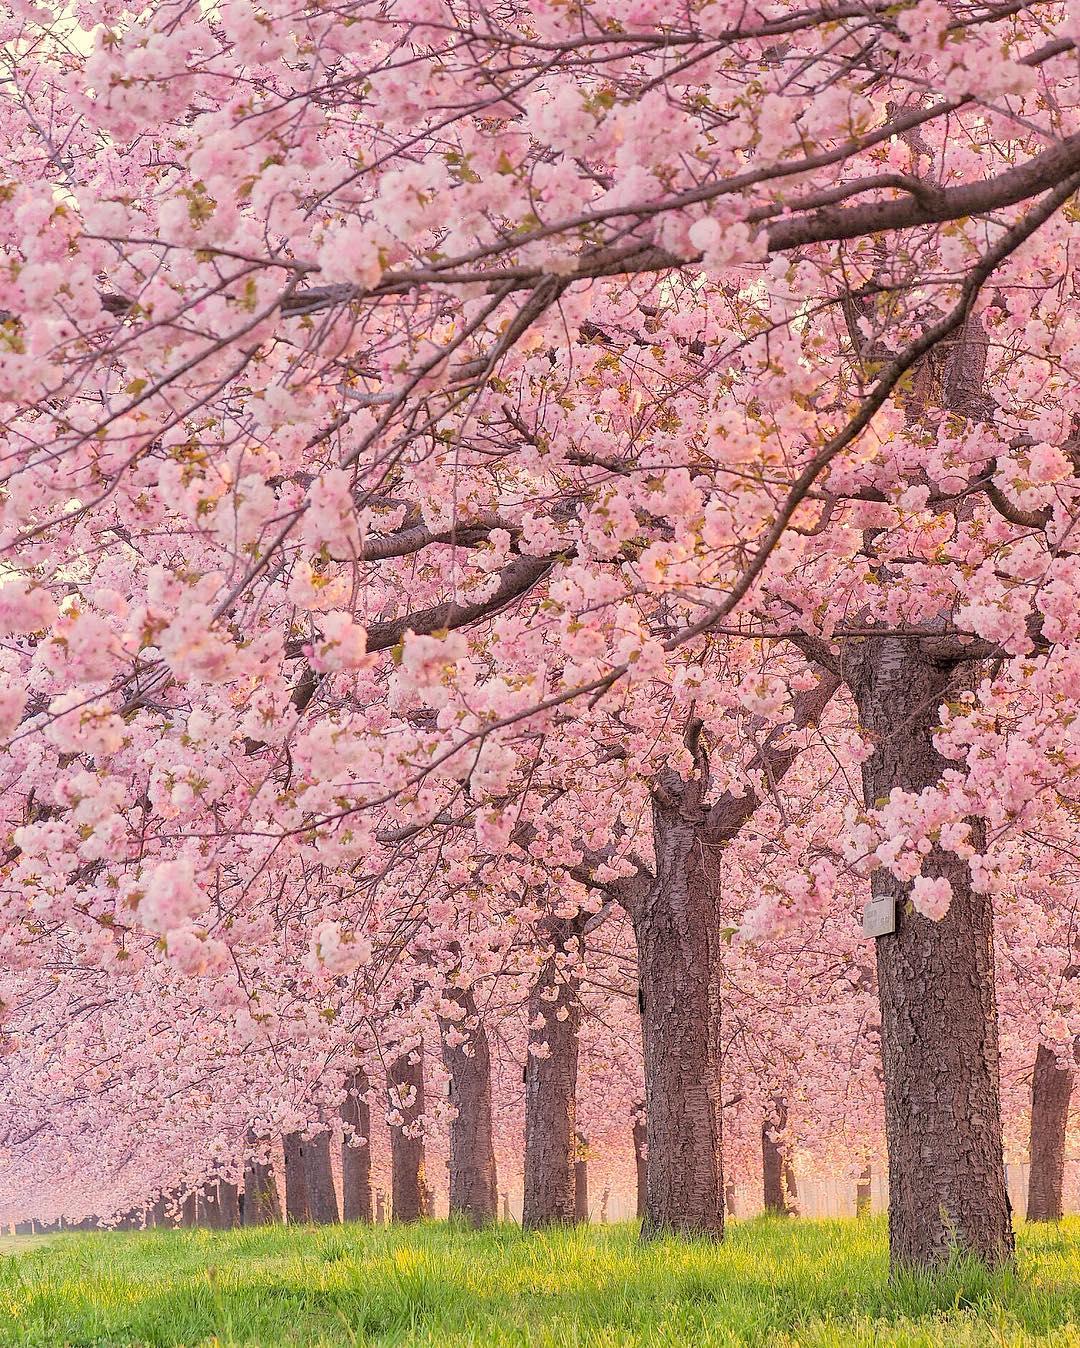 Сказочные фотографии цветов от Тацуя Курису